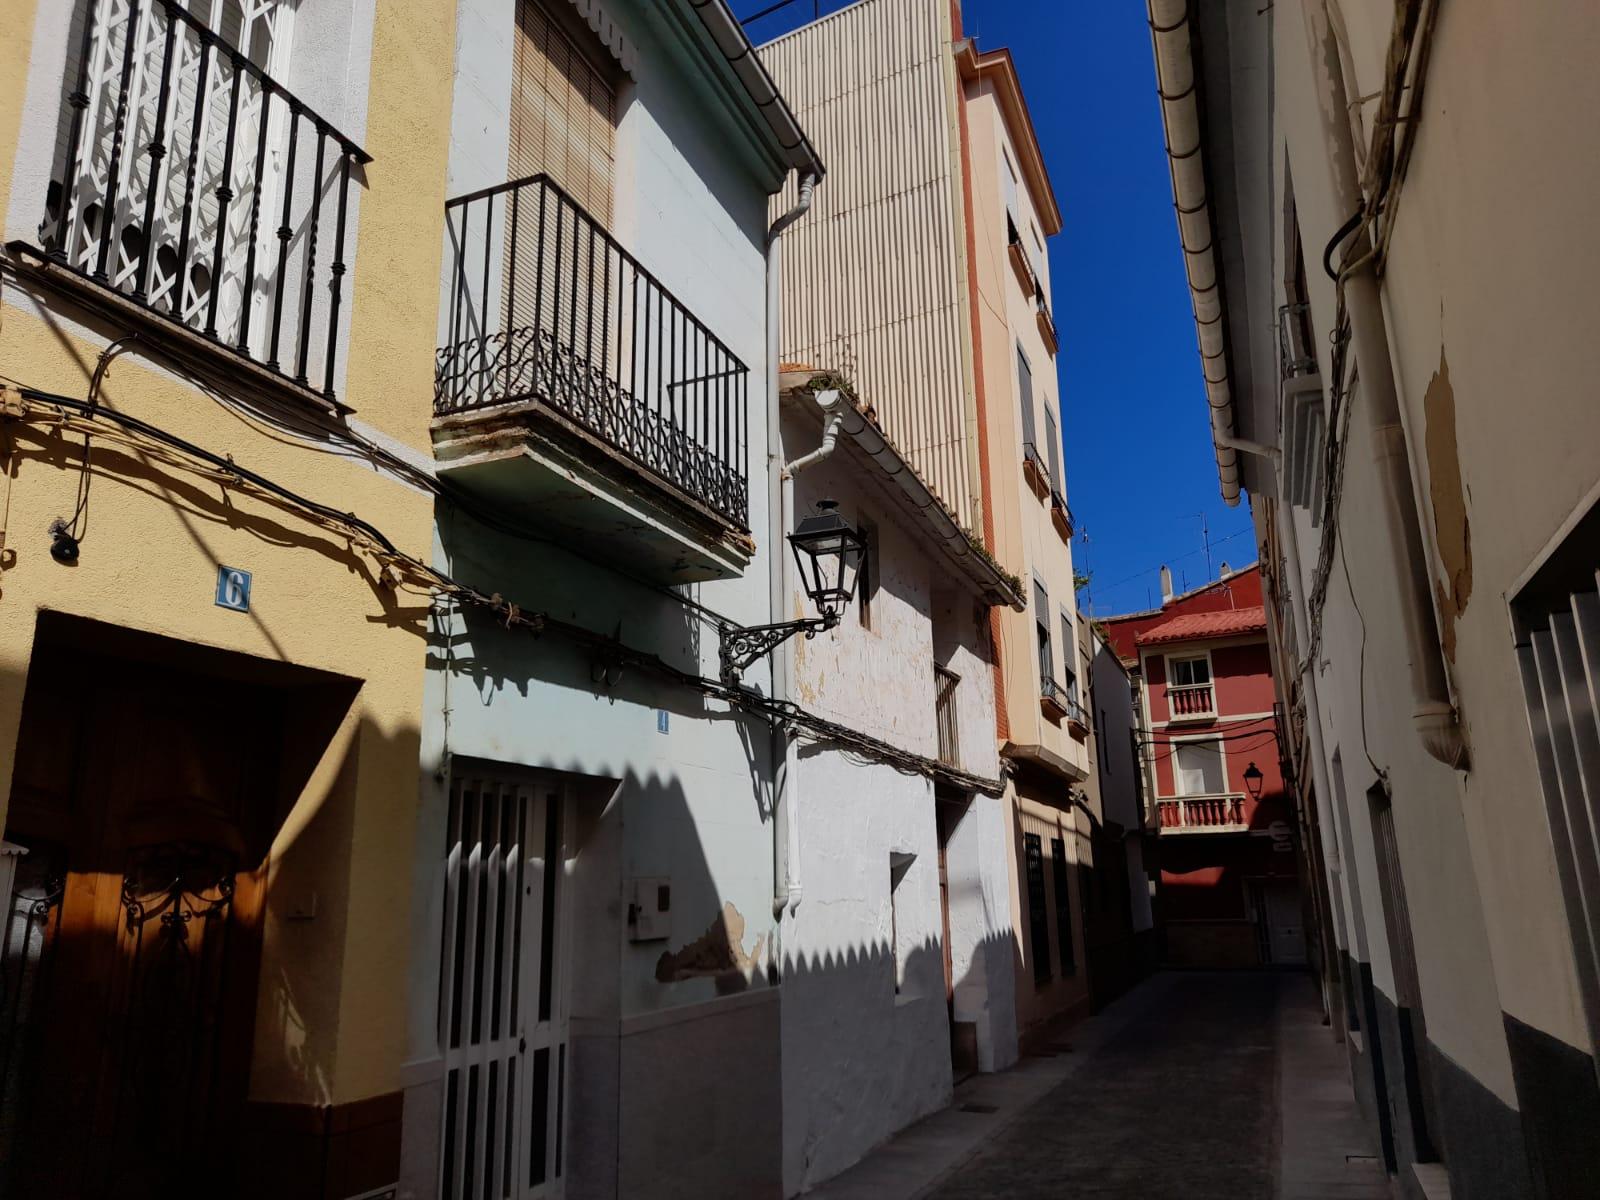 Casa adosada en venta en Burriana (Castellón) zona centro